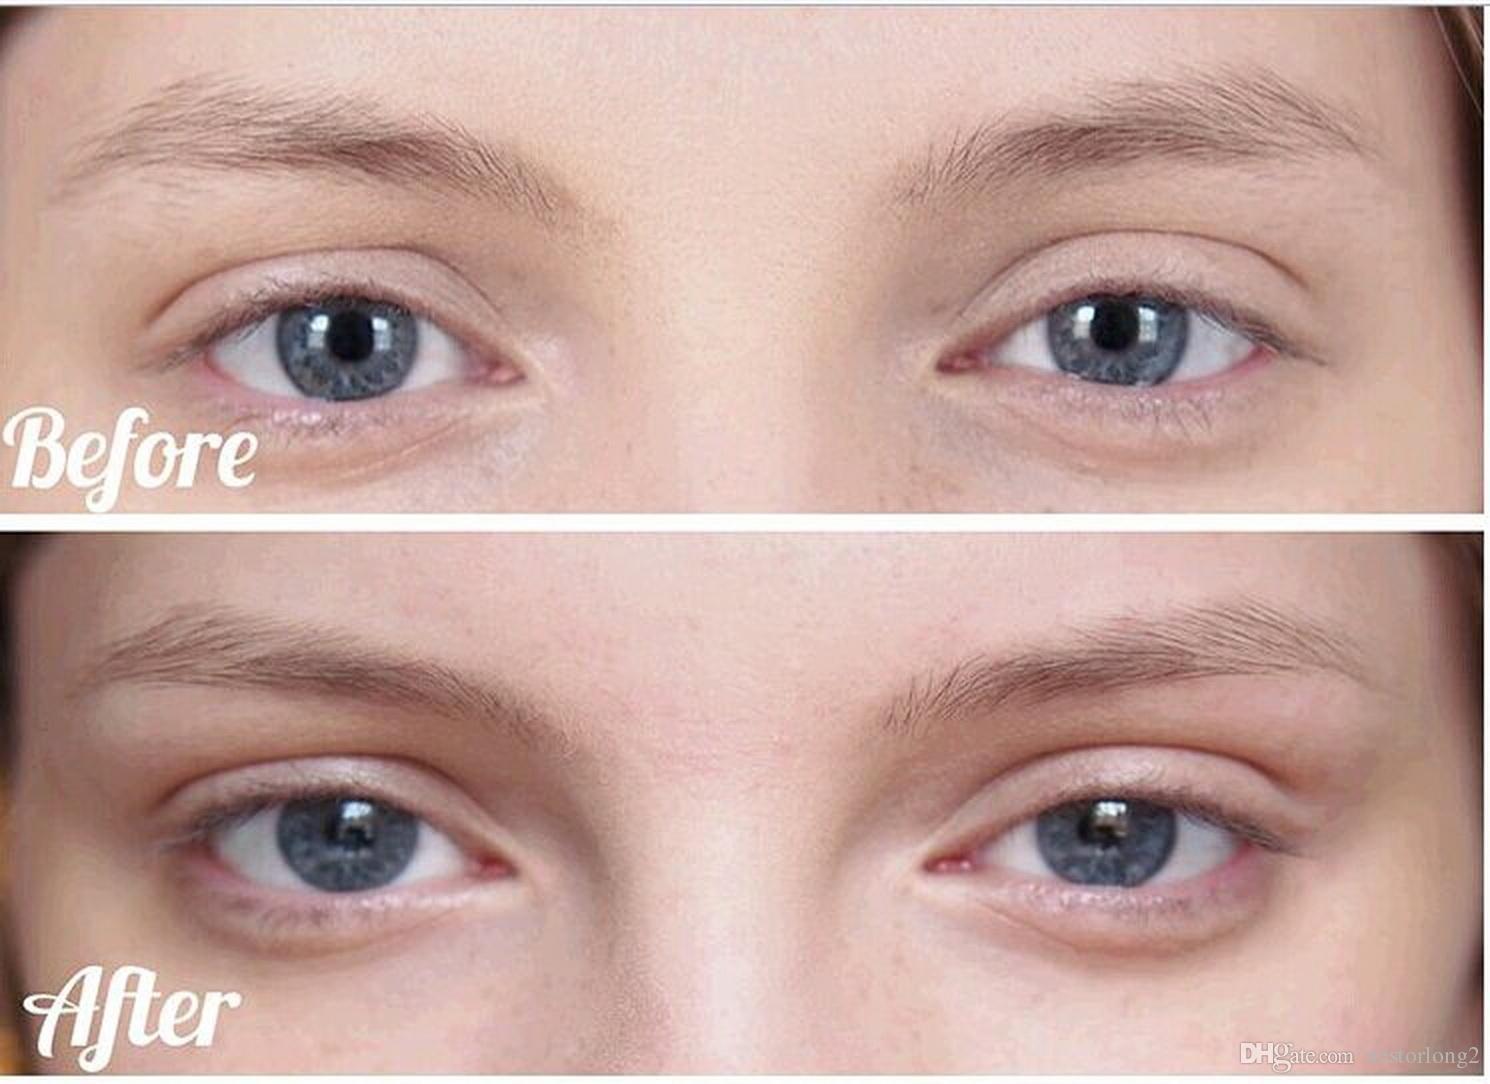 جودة عالية جديد الأصلي إزالة عراف نظام أداة الجمال يدويا خيوط الوجه والجسم لنزع الشعر